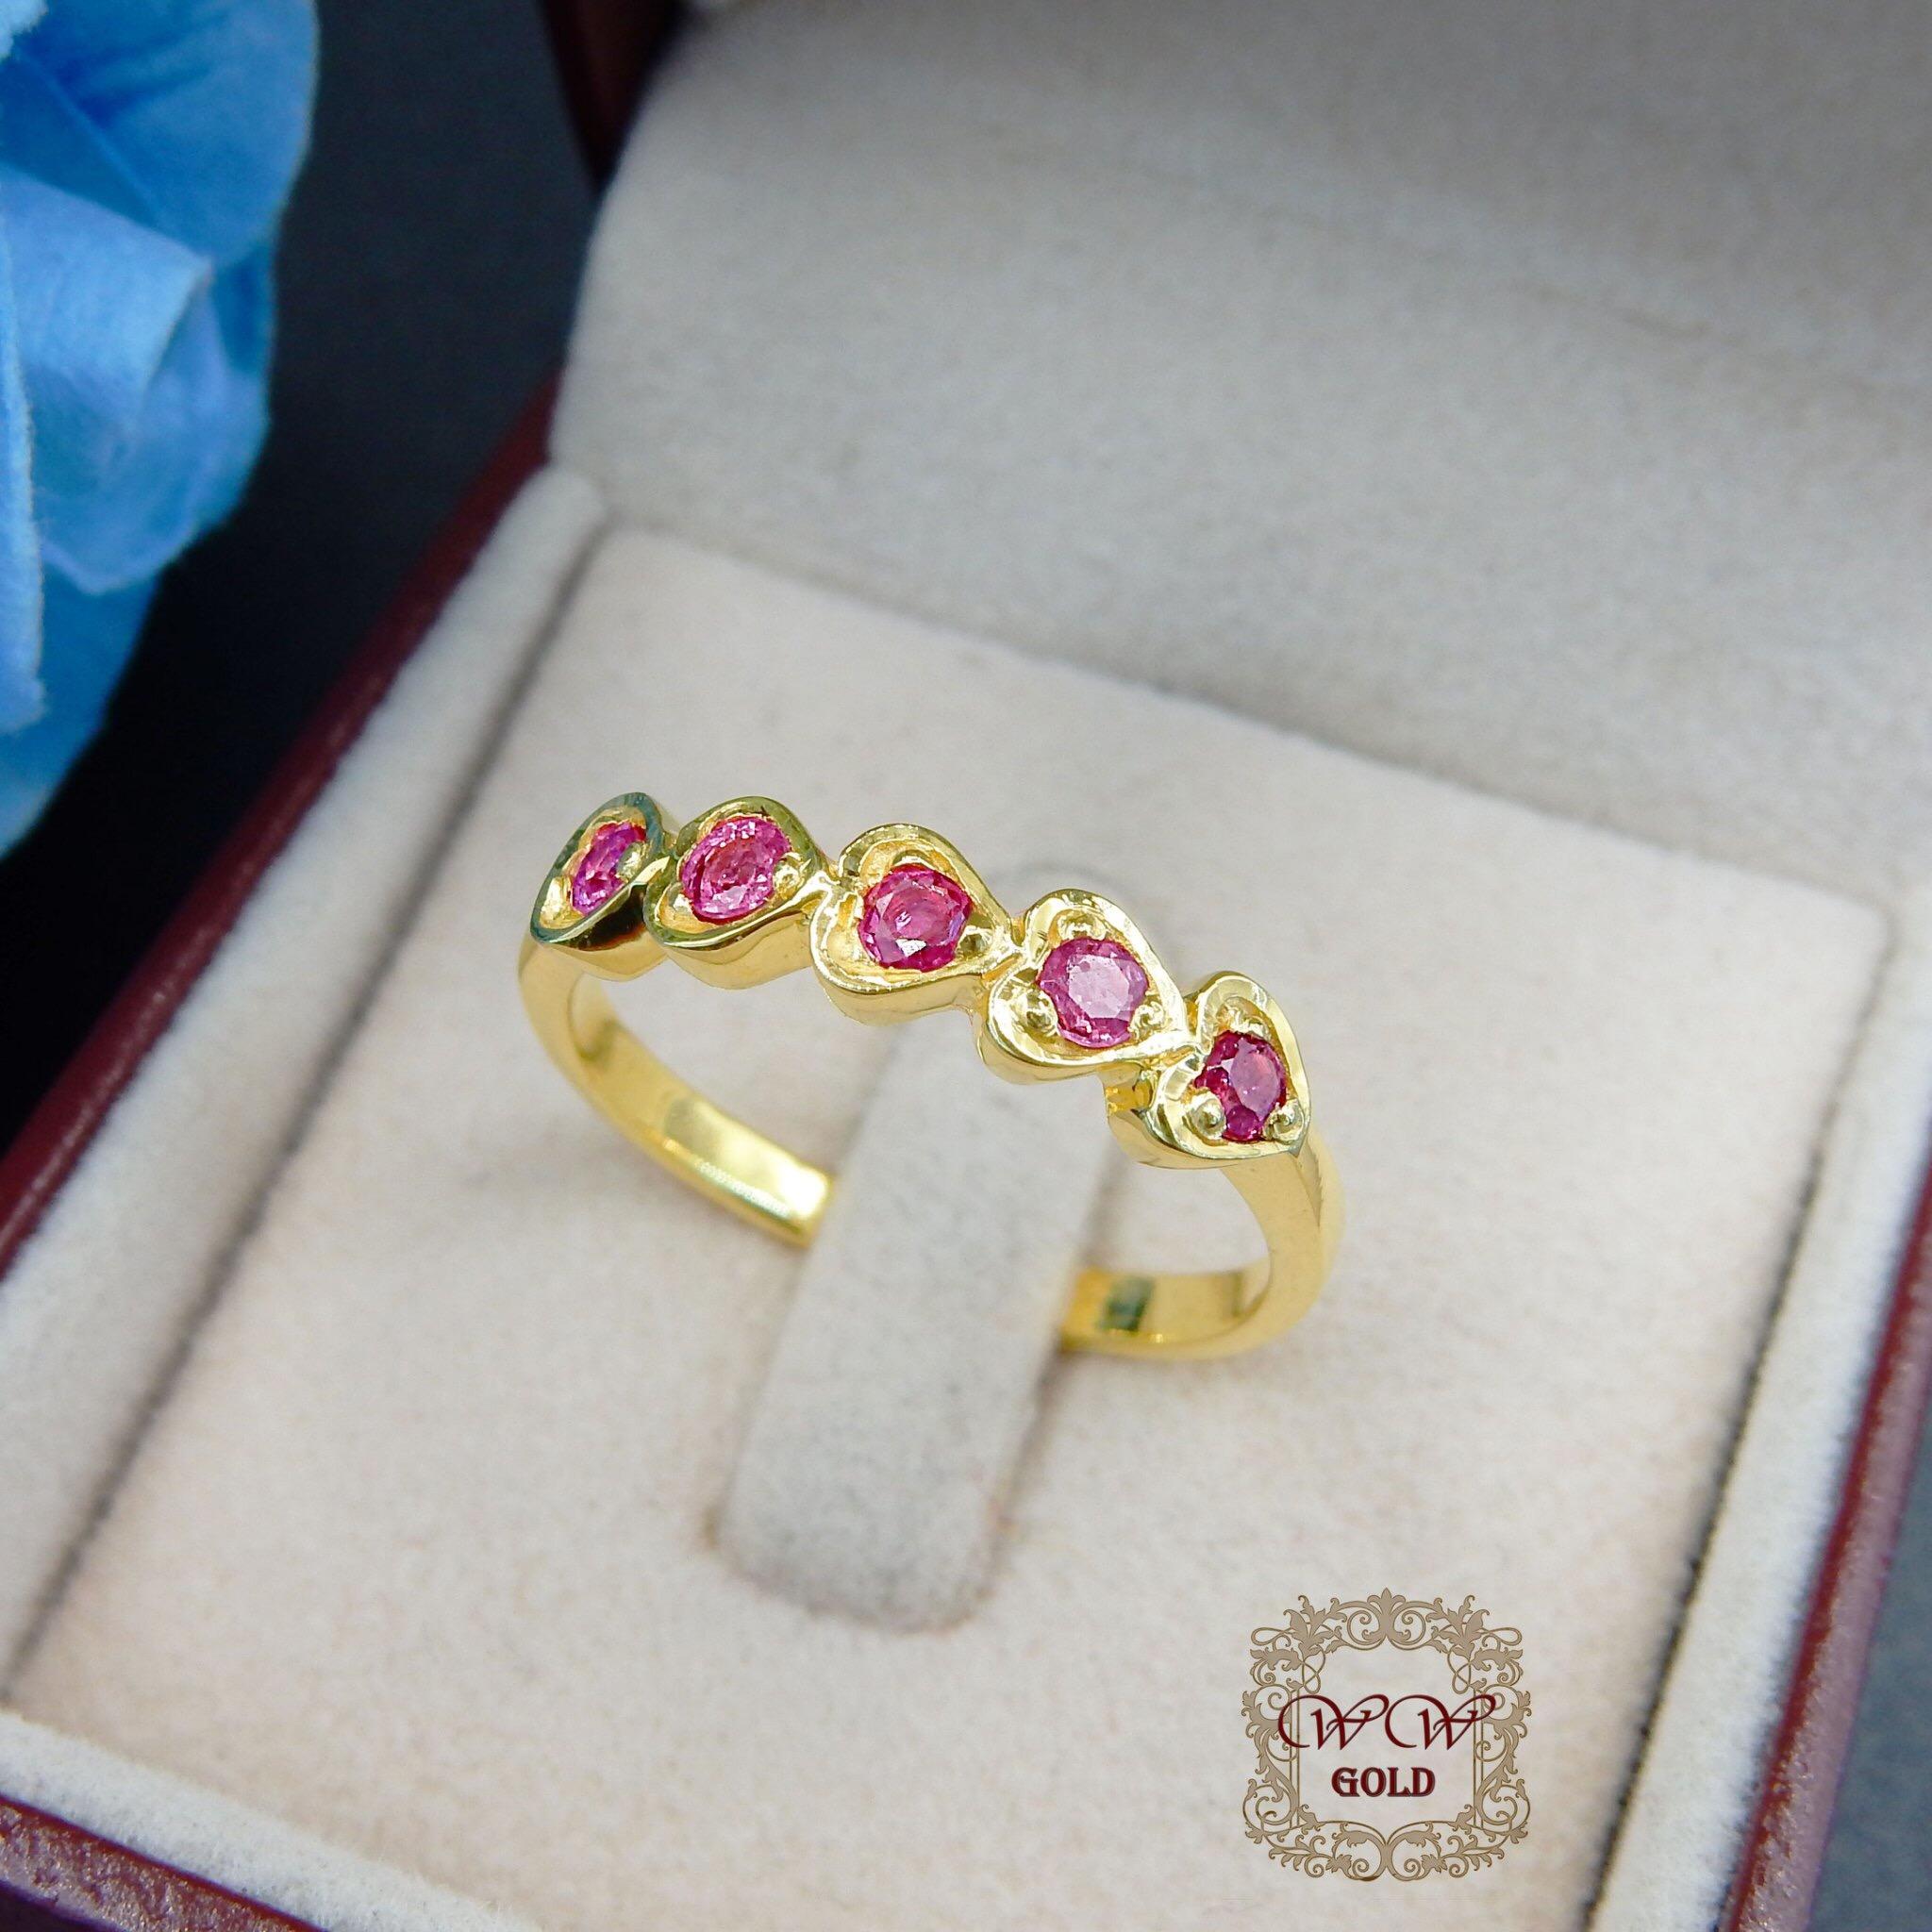 แหวนเพชรดีไซน์หัวใจ (ทับทิมแท้)